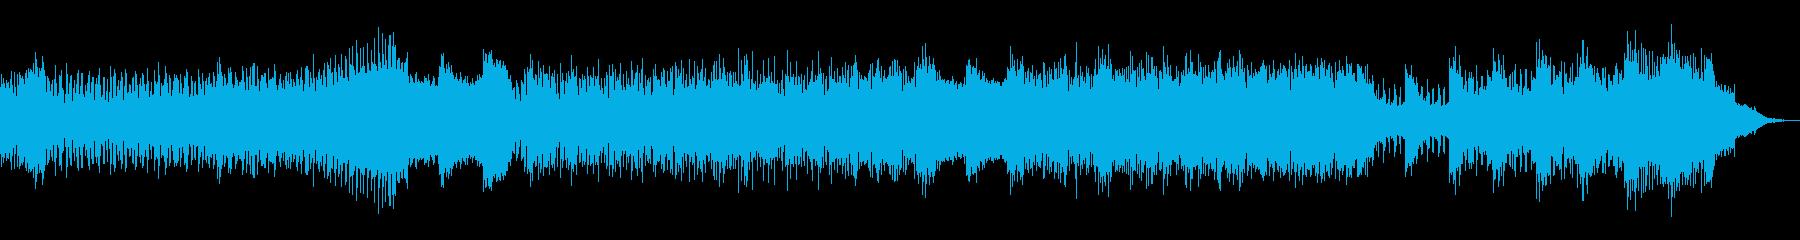 エレキ激しい戦いオーケストラテクノの再生済みの波形